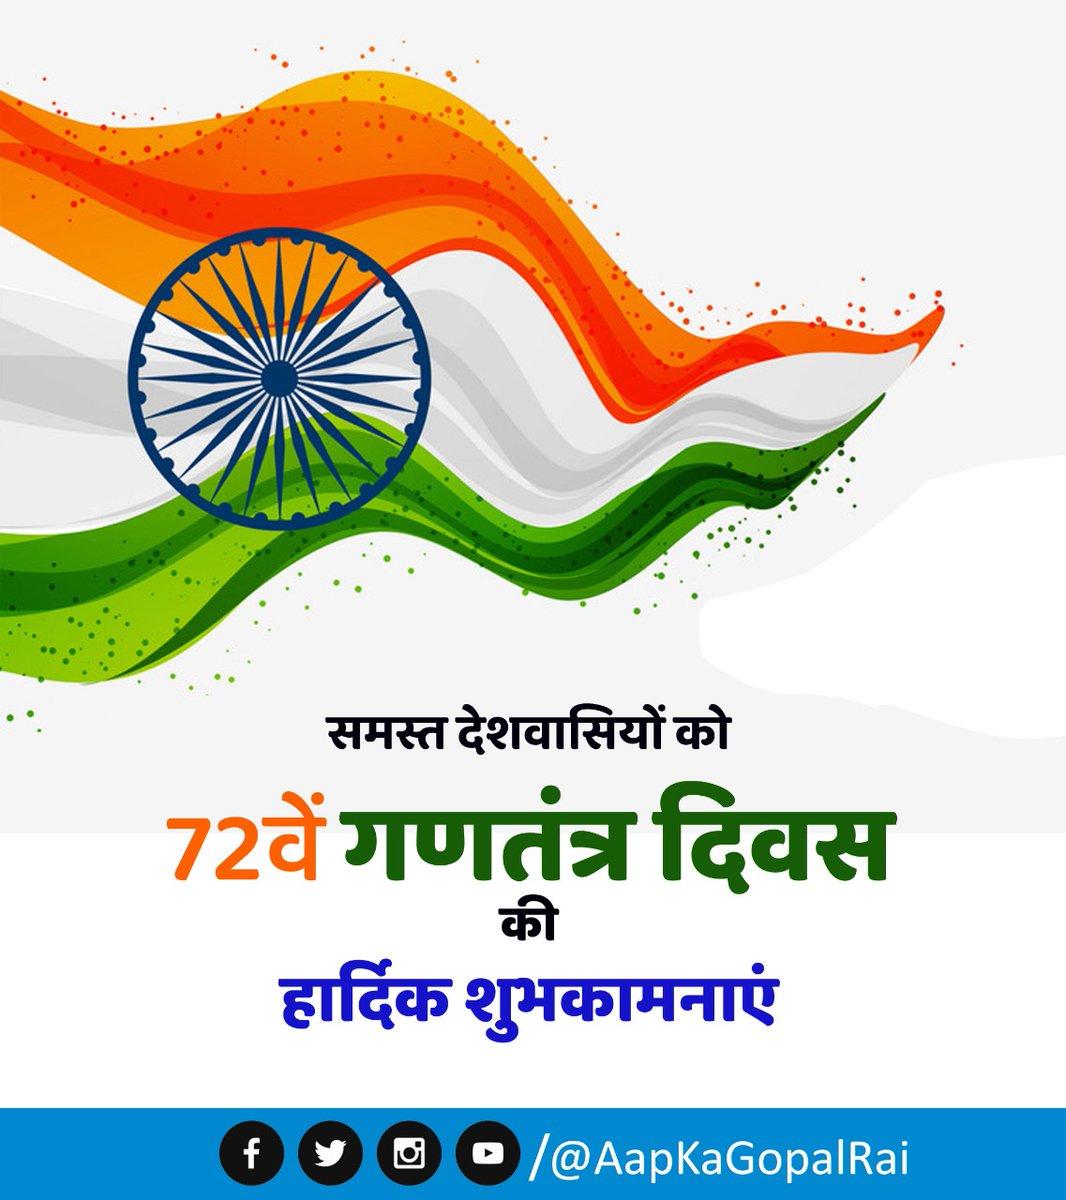 समस्त देशवासियों को 72वें गणतंत्र दिवस की हार्दिक शुभकामनाएं। इस राष्ट्रीय पर्व पर हम सभी मिलकर अपने राष्ट्र की सेवा एवं एकता की रक्षा करने के लिए सदैव तत्पर रहने का संकल्प करें।  जय हिंद!